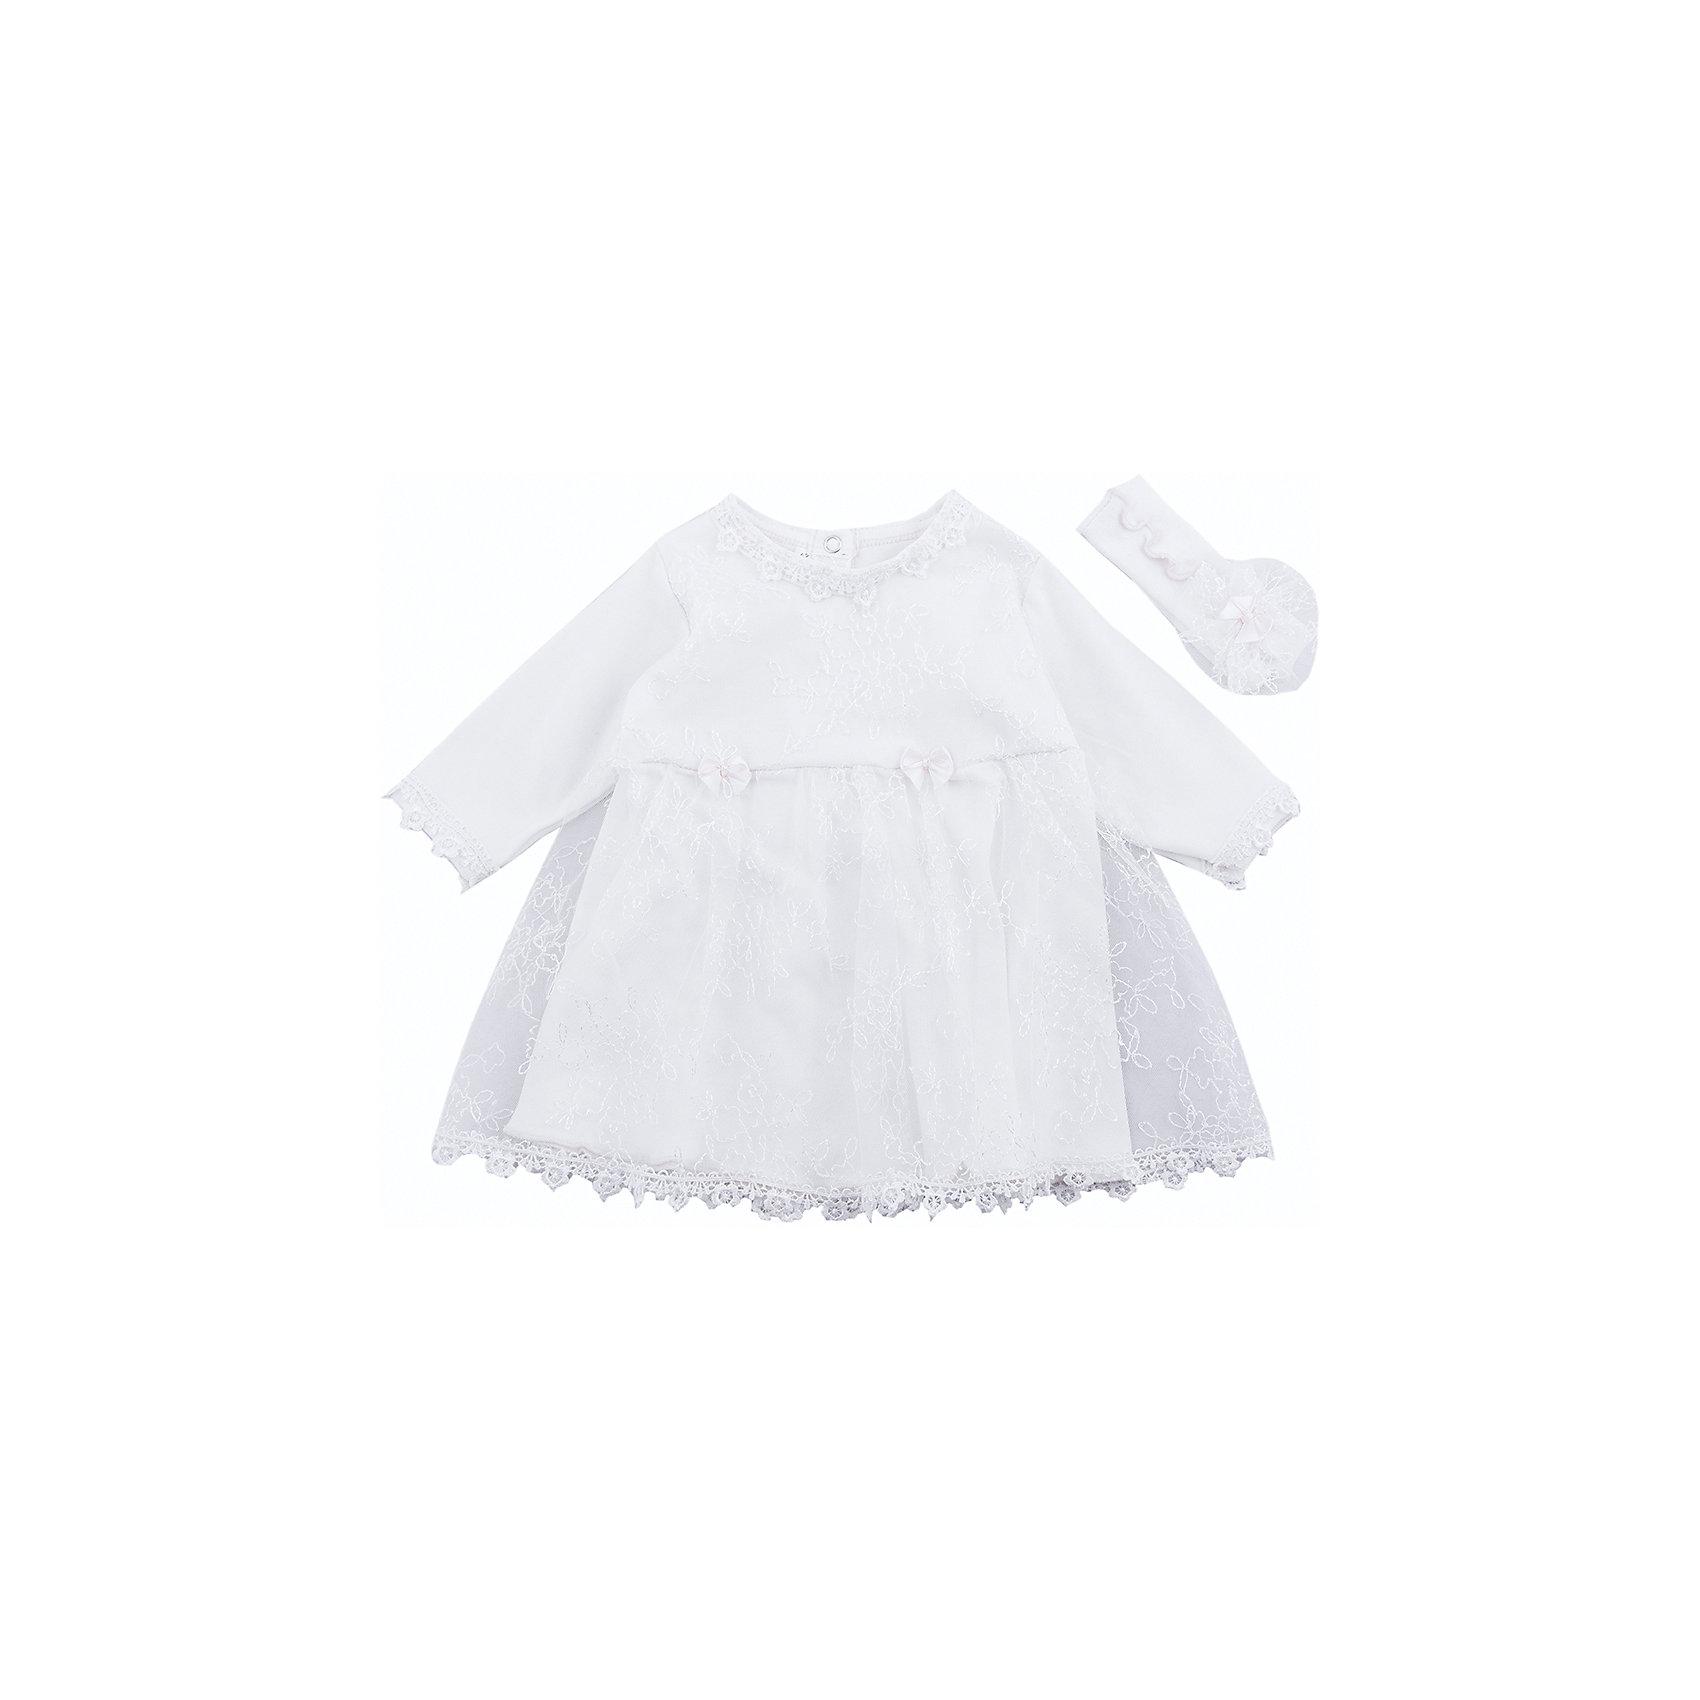 Комплект на выписку: платье и повязка на голову для девочки Soni KidsНаборы одежды, конверты на выписку<br>Комплект на выписку:  платье и повязка на голову для девочки от популярной марки Soni Kids<br><br>Симпатичный и удобный комплект состоит из платья и повязки. Он создан специально для того, чтобы подчеркнуть торжественность момента выписки и сделать малышку особенно очаровательной.<br><br>Особенности модели:<br><br>- цвет - молочный;<br>- материал натуральный хлопок;<br>- украшен кружевом;<br>- рукава длинные;<br>- повязка - на широкой резинке, украшена гипюром и бантом;<br>- рукава длинные;<br>- застежки - кнопки впереди.<br><br>Дополнительная информация:<br><br>Состав:  100% хлопок (интерлок)<br><br>Габариты:<br><br>длина - 35 см;<br>длина рукава  - 18 см.<br><br>*соответствует размеру 56<br><br><br>Комплект на выписку:  платье и повязка на голову для девочки от популярной марки Soni Kids (Сони Кидс) можно купить в нашем магазине.<br><br>Ширина мм: 157<br>Глубина мм: 13<br>Высота мм: 119<br>Вес г: 200<br>Цвет: бежевый<br>Возраст от месяцев: 2<br>Возраст до месяцев: 5<br>Пол: Женский<br>Возраст: Детский<br>Размер: 62<br>SKU: 4323496